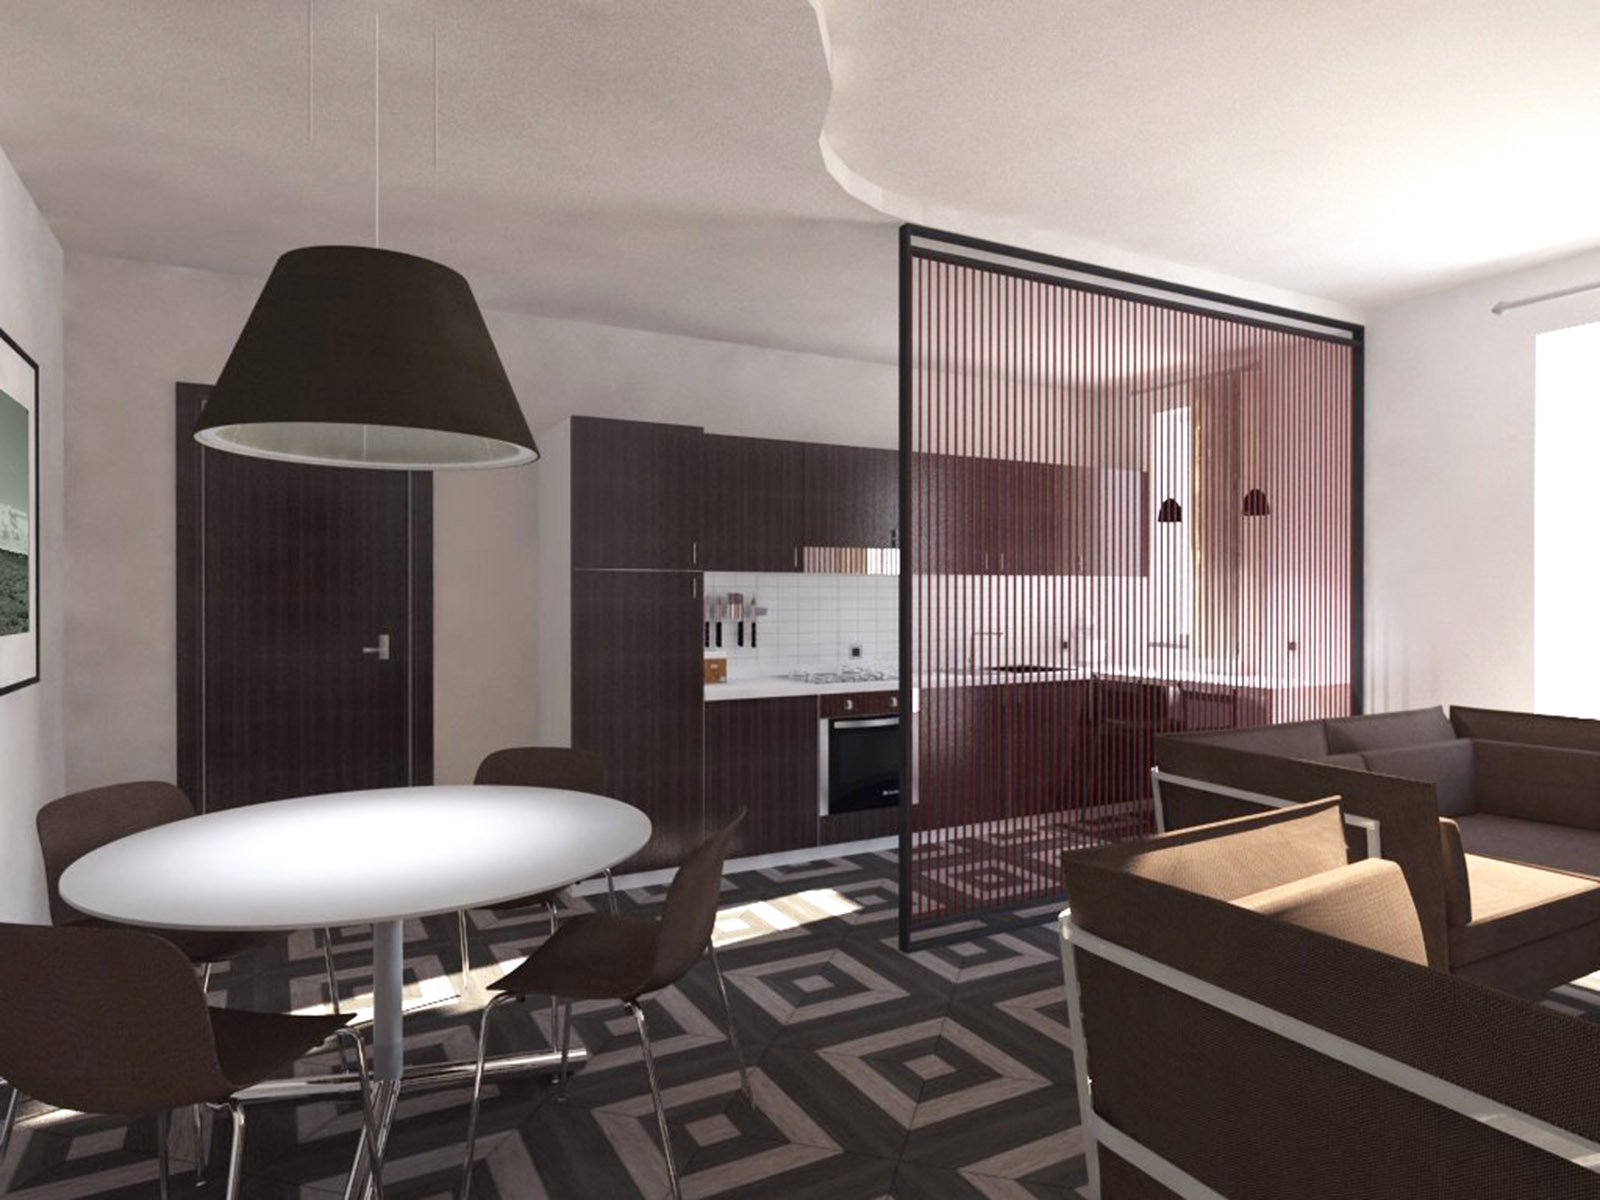 Soggiorno e cucina openspace progetto in pianta e in 3d - Open space cucina soggiorno classico ...